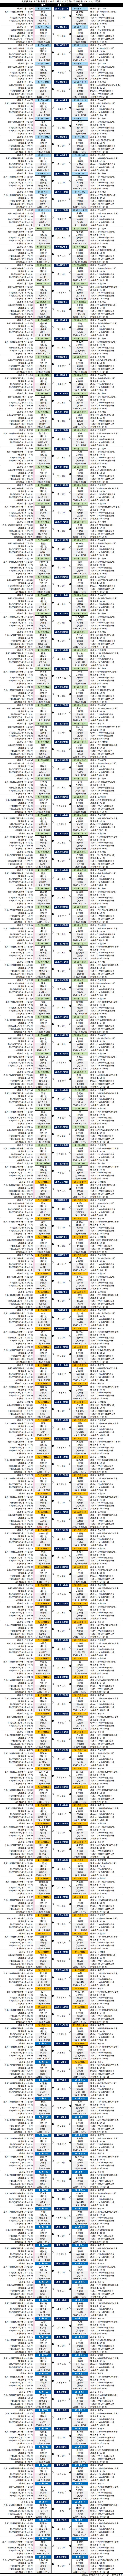 大相撲・2020年1月場所6日目・幕下以下の取組結果